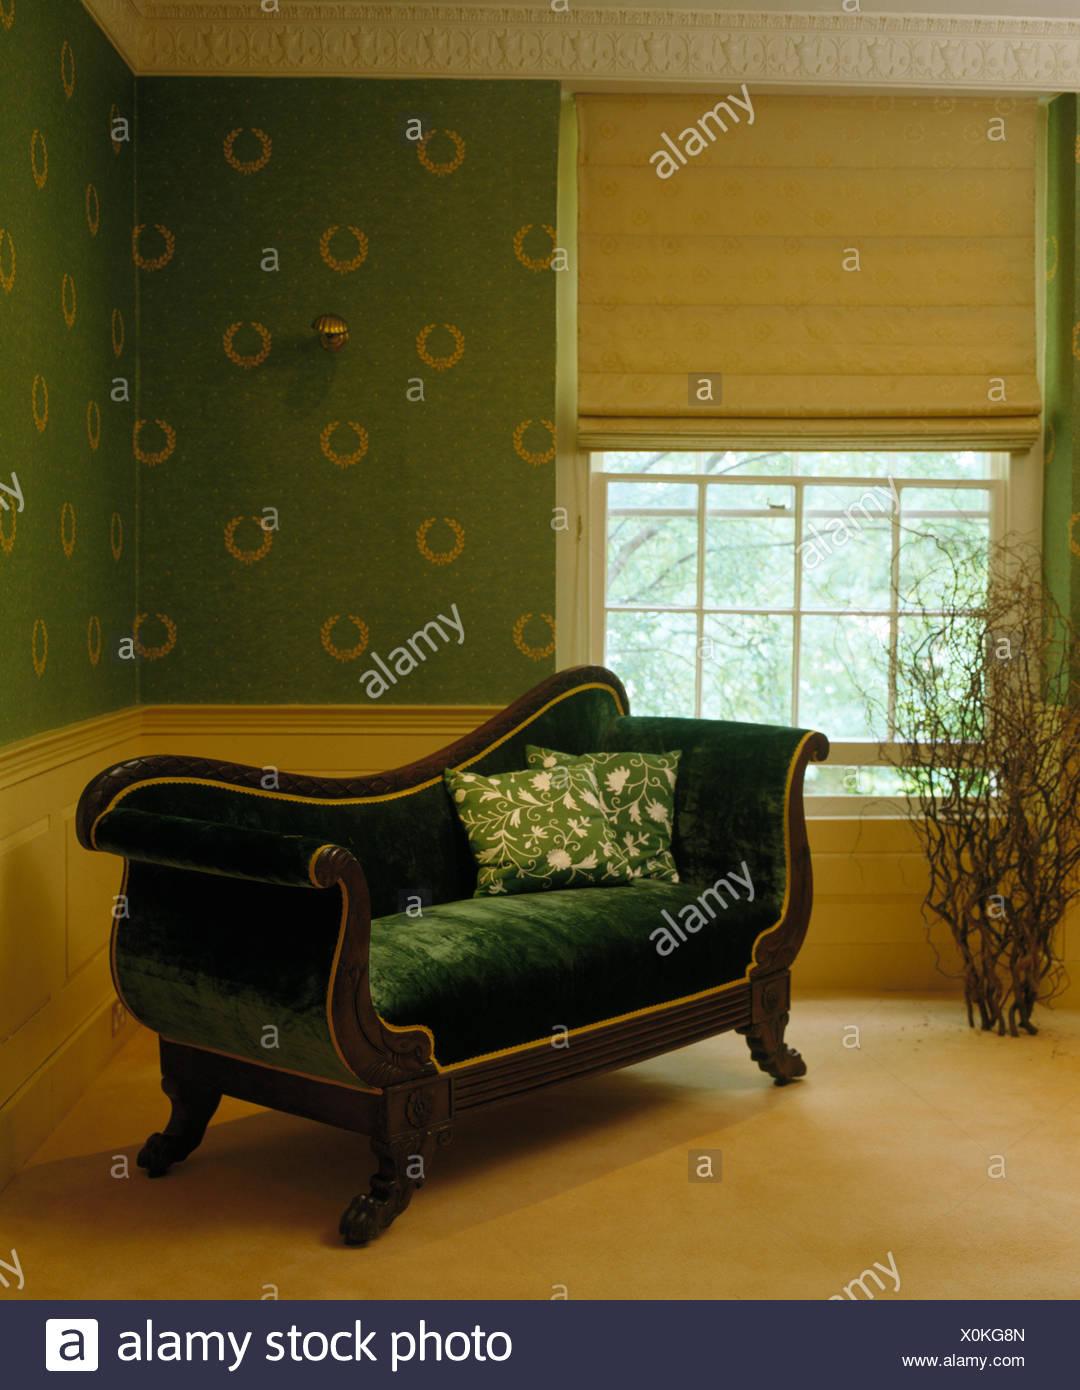 Bettwasche Blind Auf Fenster Im Land Schlafzimmer Mit Franzosischen